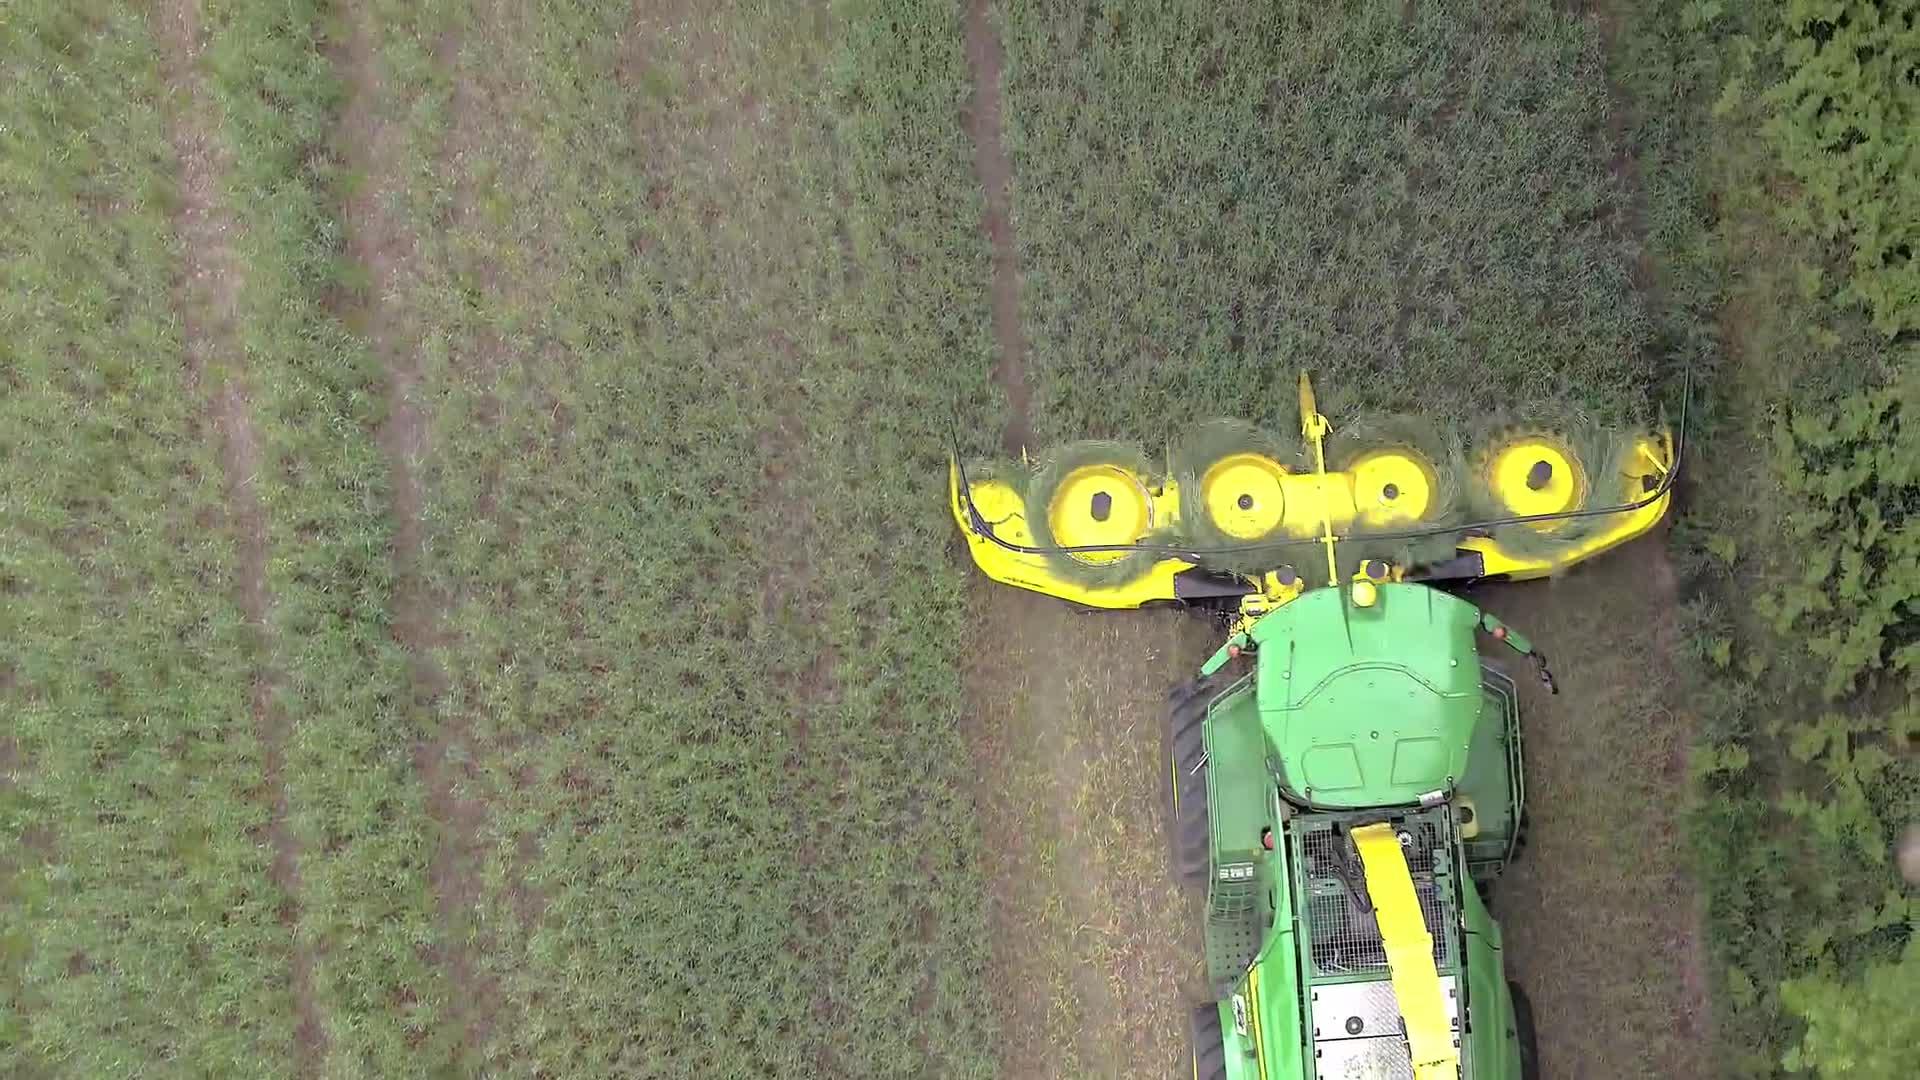 claas, céréales, de, ensilage, feldhäcksler, forage, harvester, head, immatures, maisernte, maissilage, maisvorsatz, maïs, mähvorsatz, rotary crop header, rotary header, self-propelled, silage, spfh, whole crop header, 475plus - Ganzpflanzen Silage (GPS) GIFs